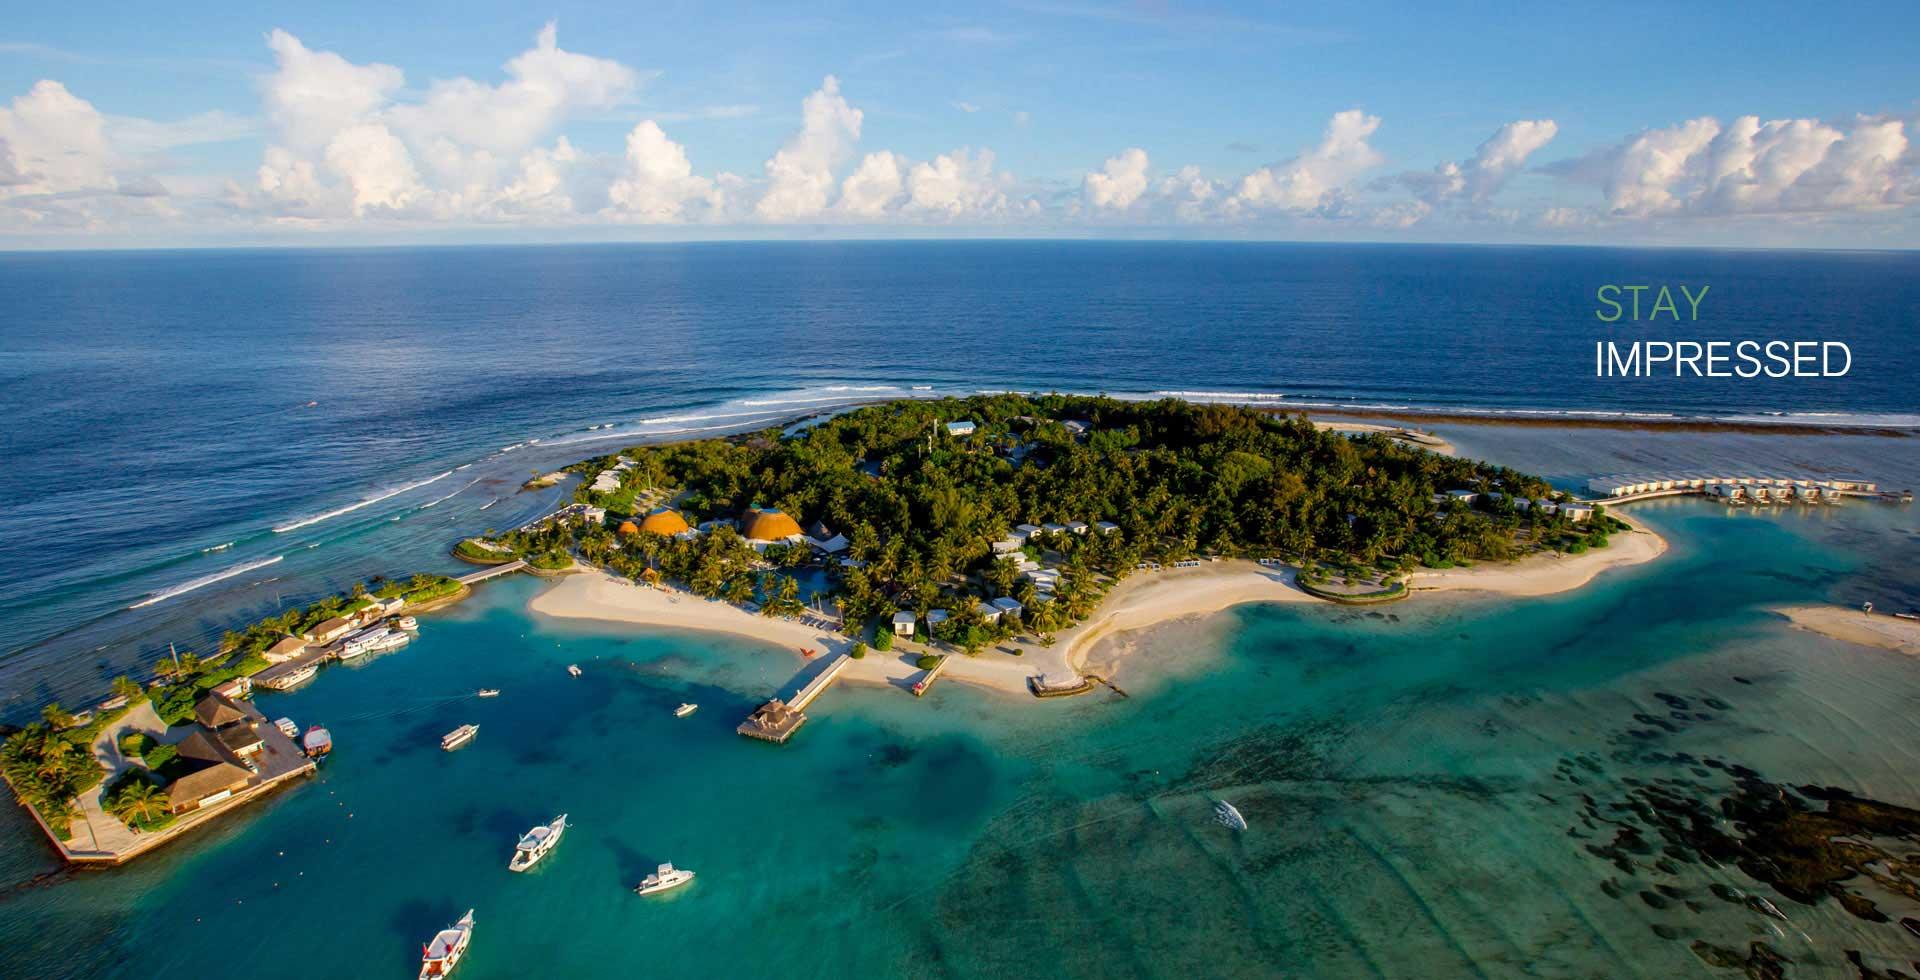 马尔代夫康杜玛岛旅游攻略